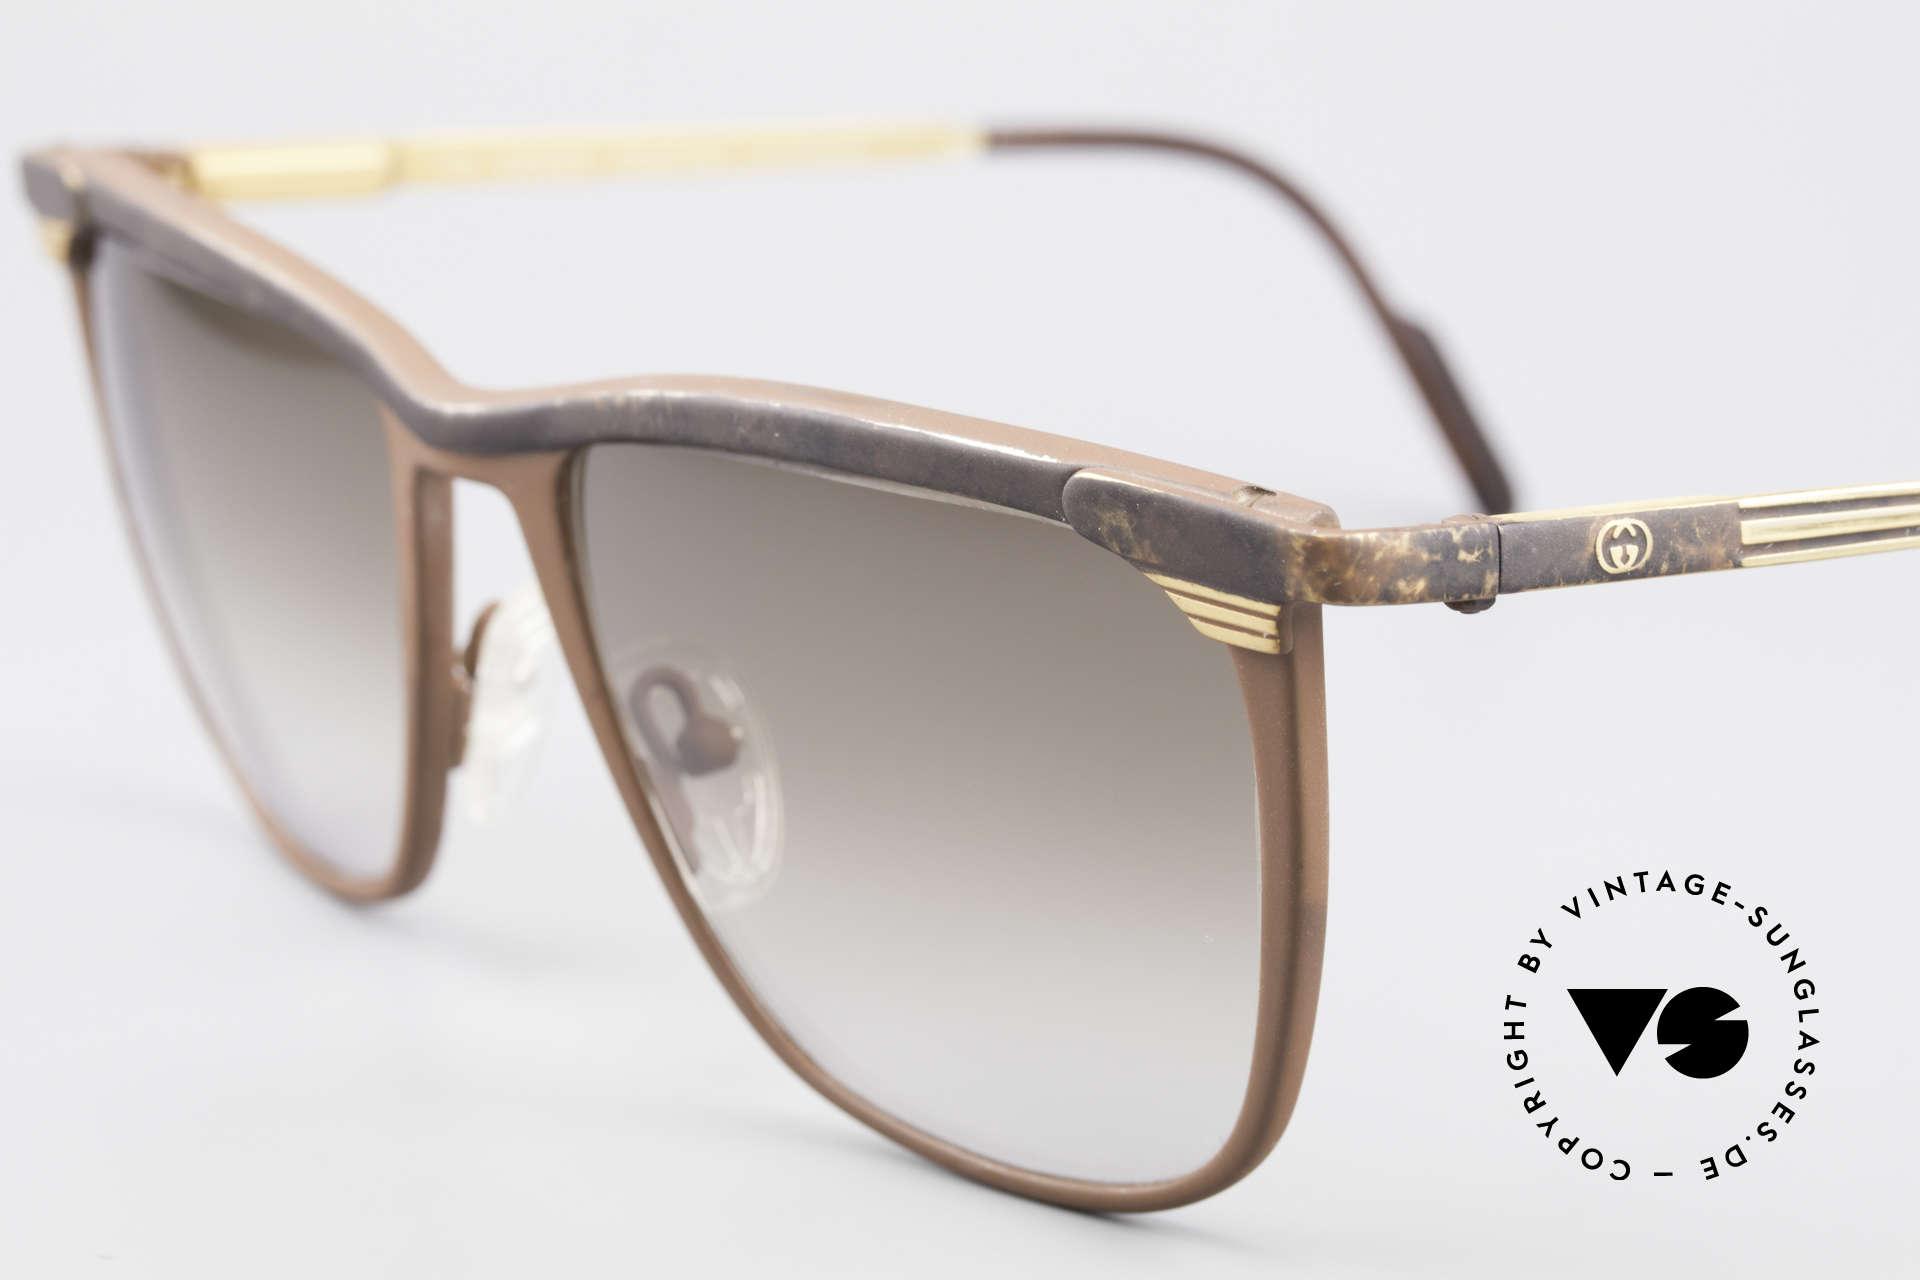 Gucci 2227 Luxus Designer Sonnenbrille, ungetragen (wie alle unsere Designer 80er Brillen), Passend für Herren und Damen